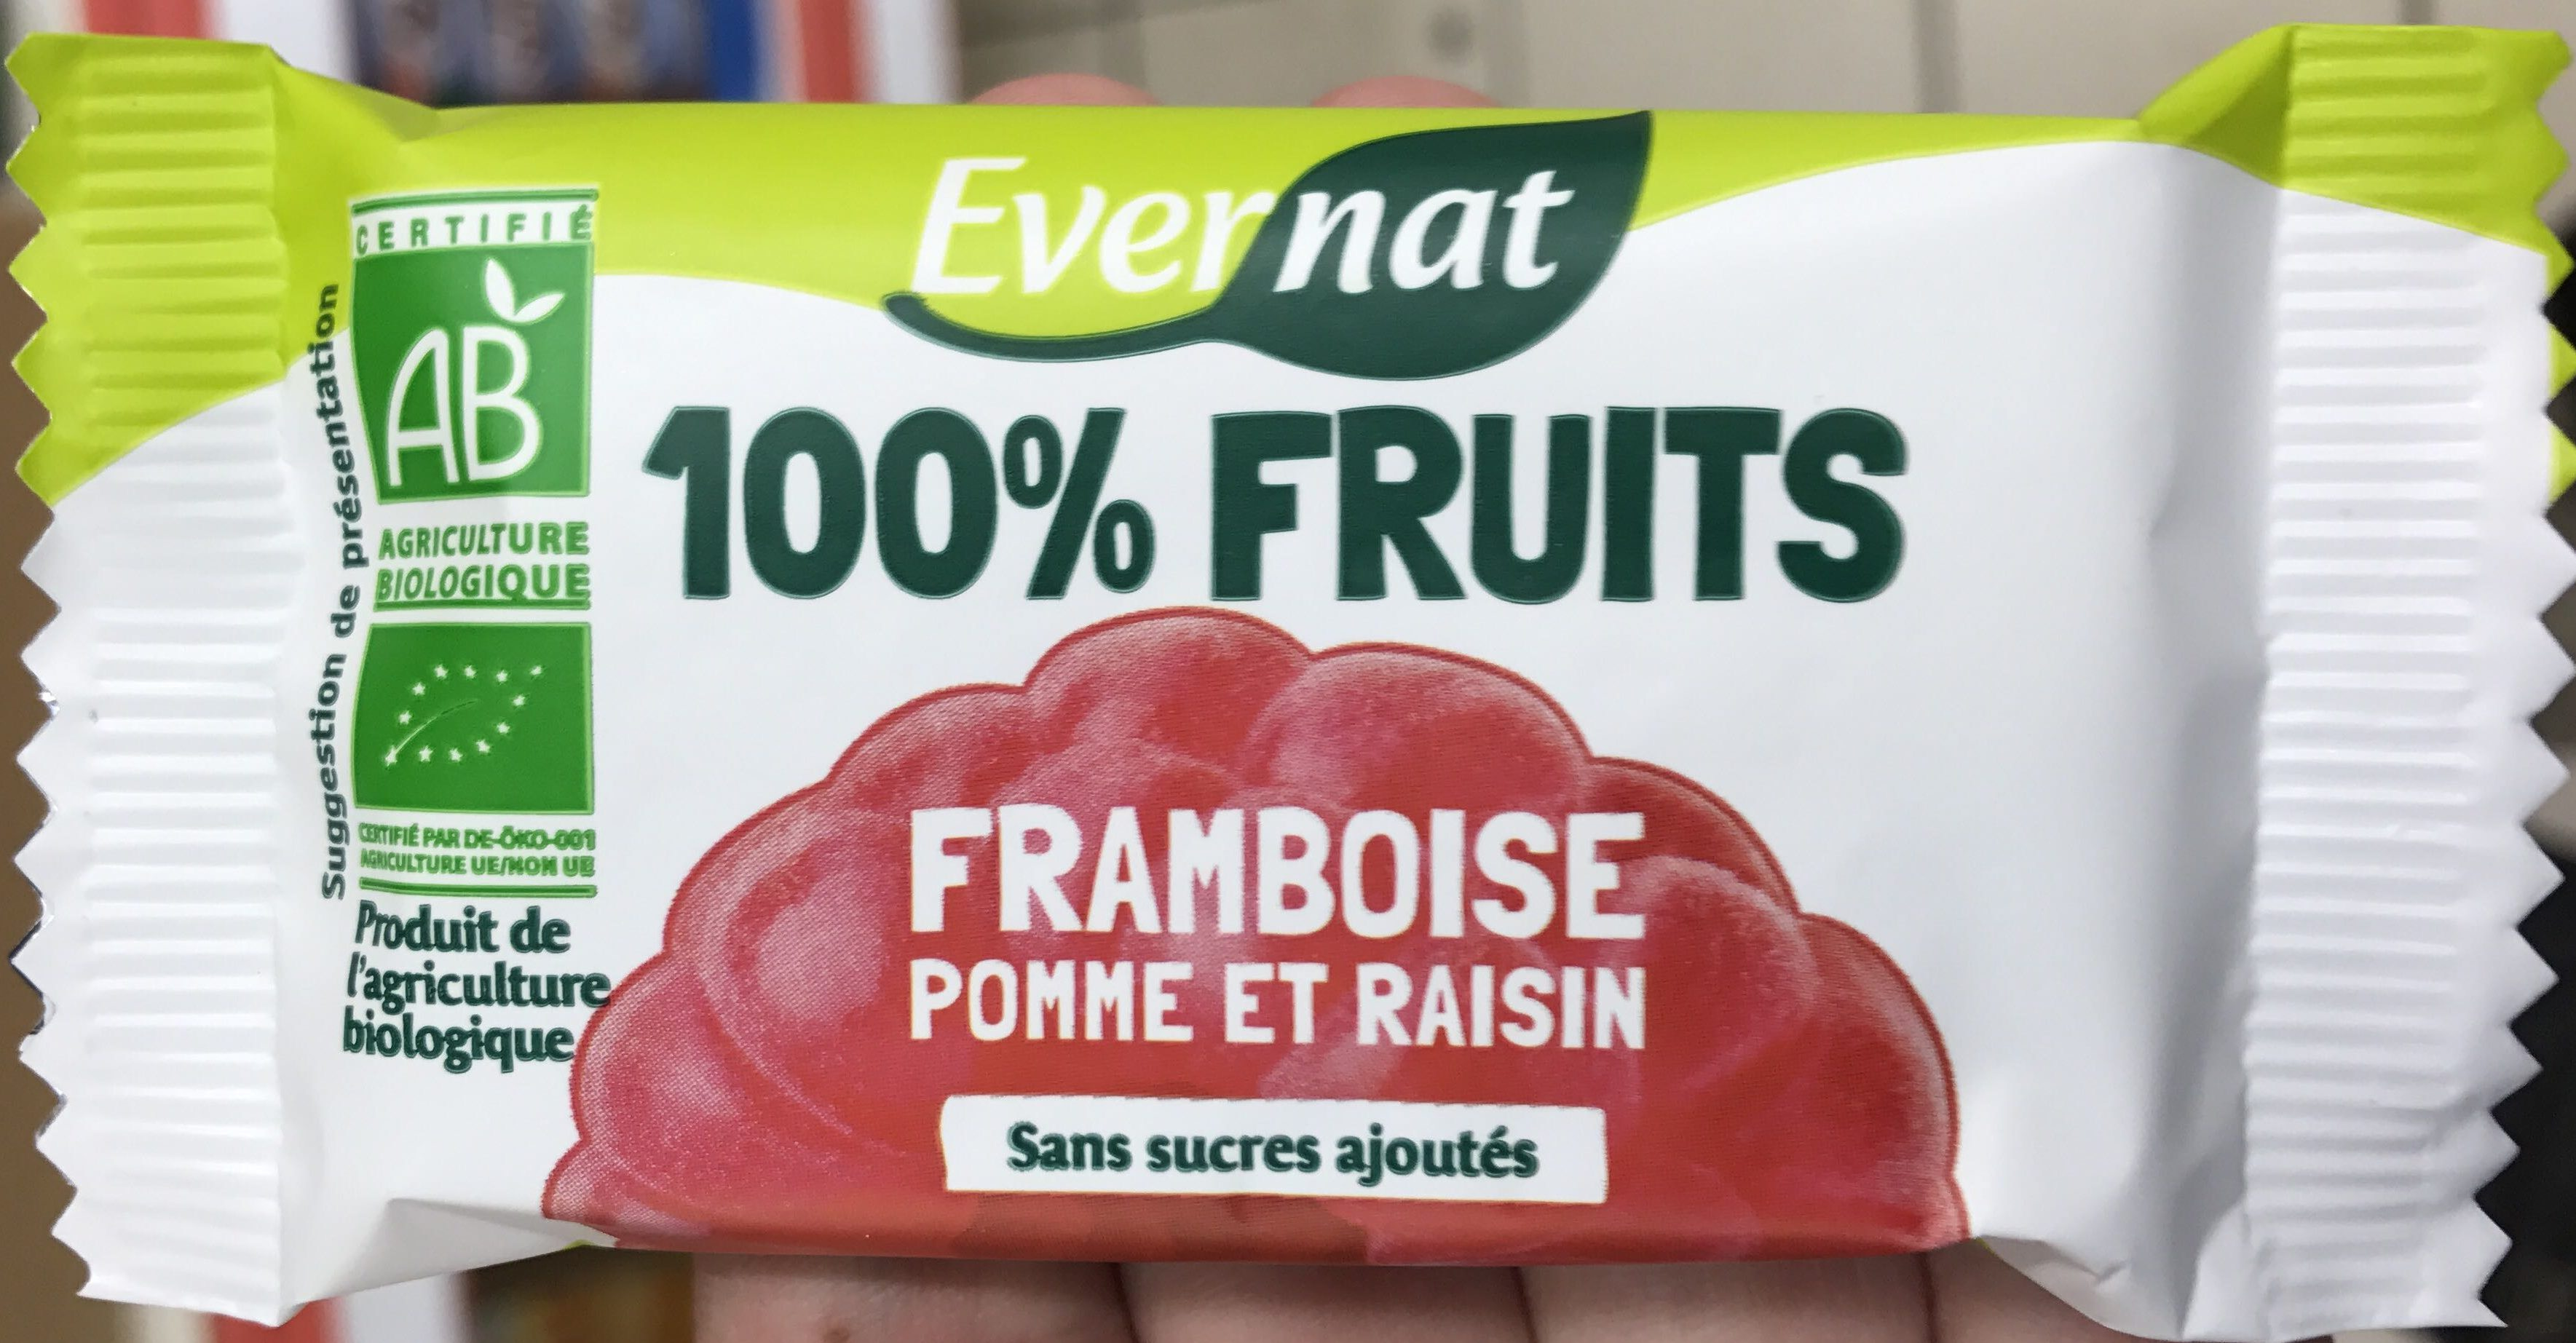 100% Fruits Framboise Pomme et Raisin - Product